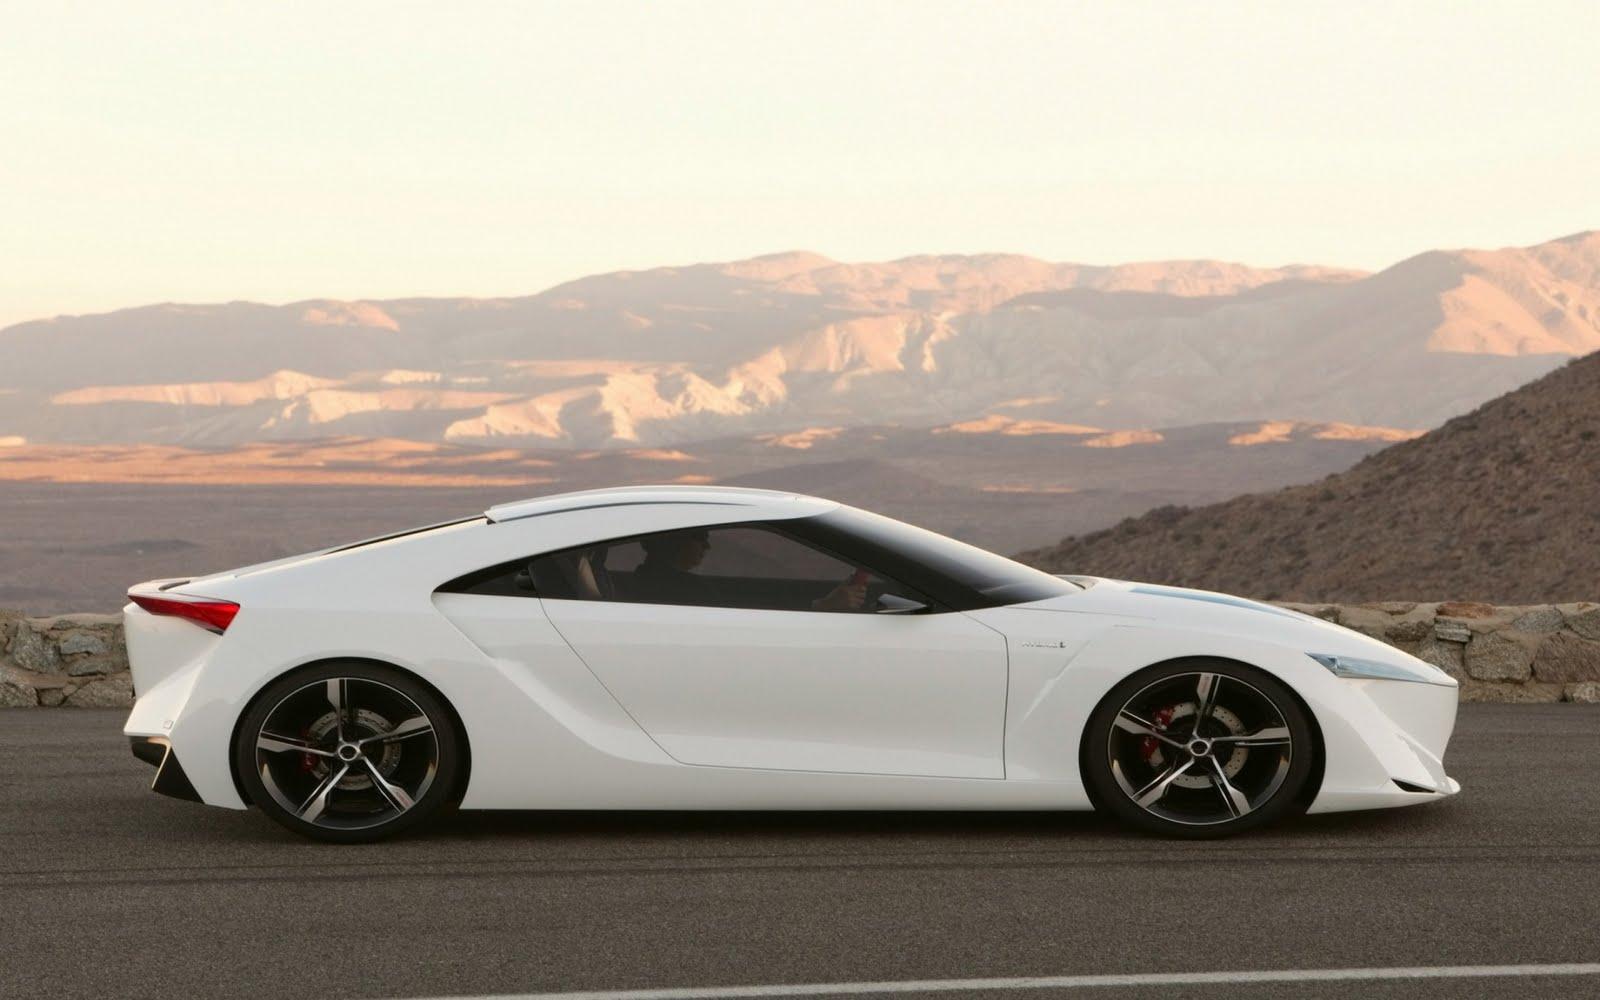 http://4.bp.blogspot.com/-MXj5g_QCDcQ/TmzFQuHP5uI/AAAAAAAAAFg/SupN69HH5gY/s1600/Toyota_FT_HS_Concept_1680+x+1050+widescreen.jpg